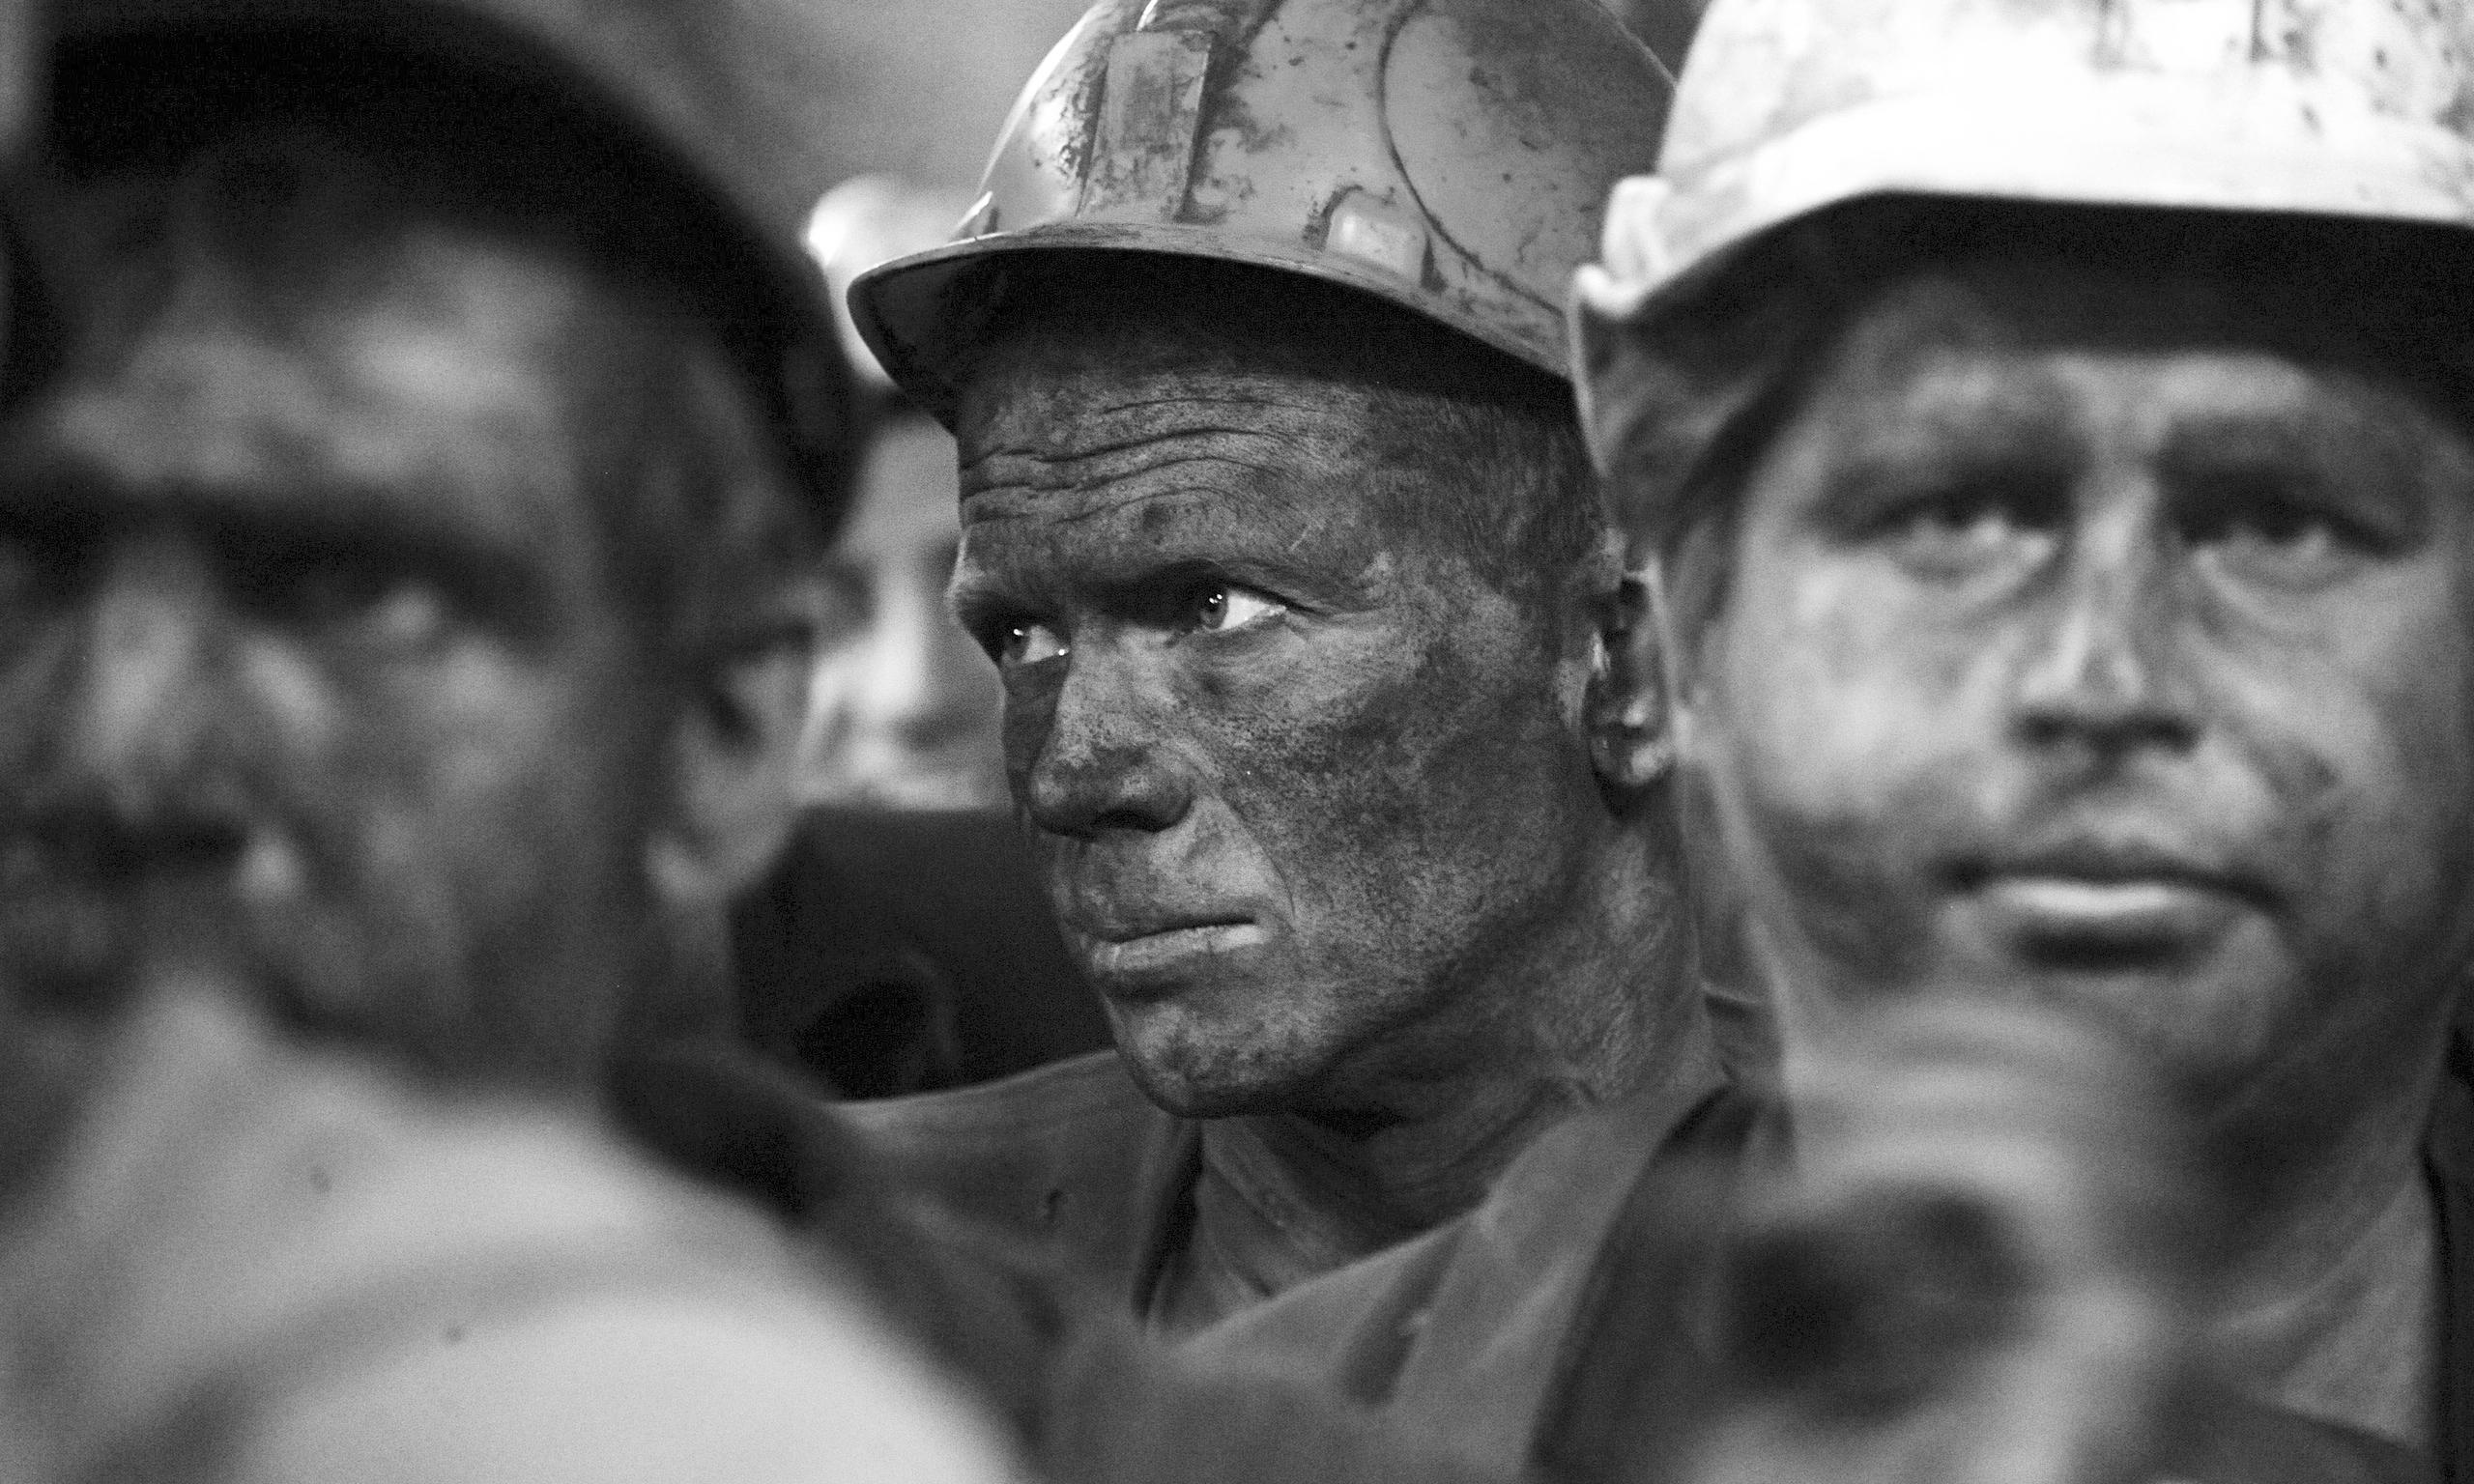 Чергова обіцянка і маніпуляція? Як уряд буде закривати борги перед шахтарями